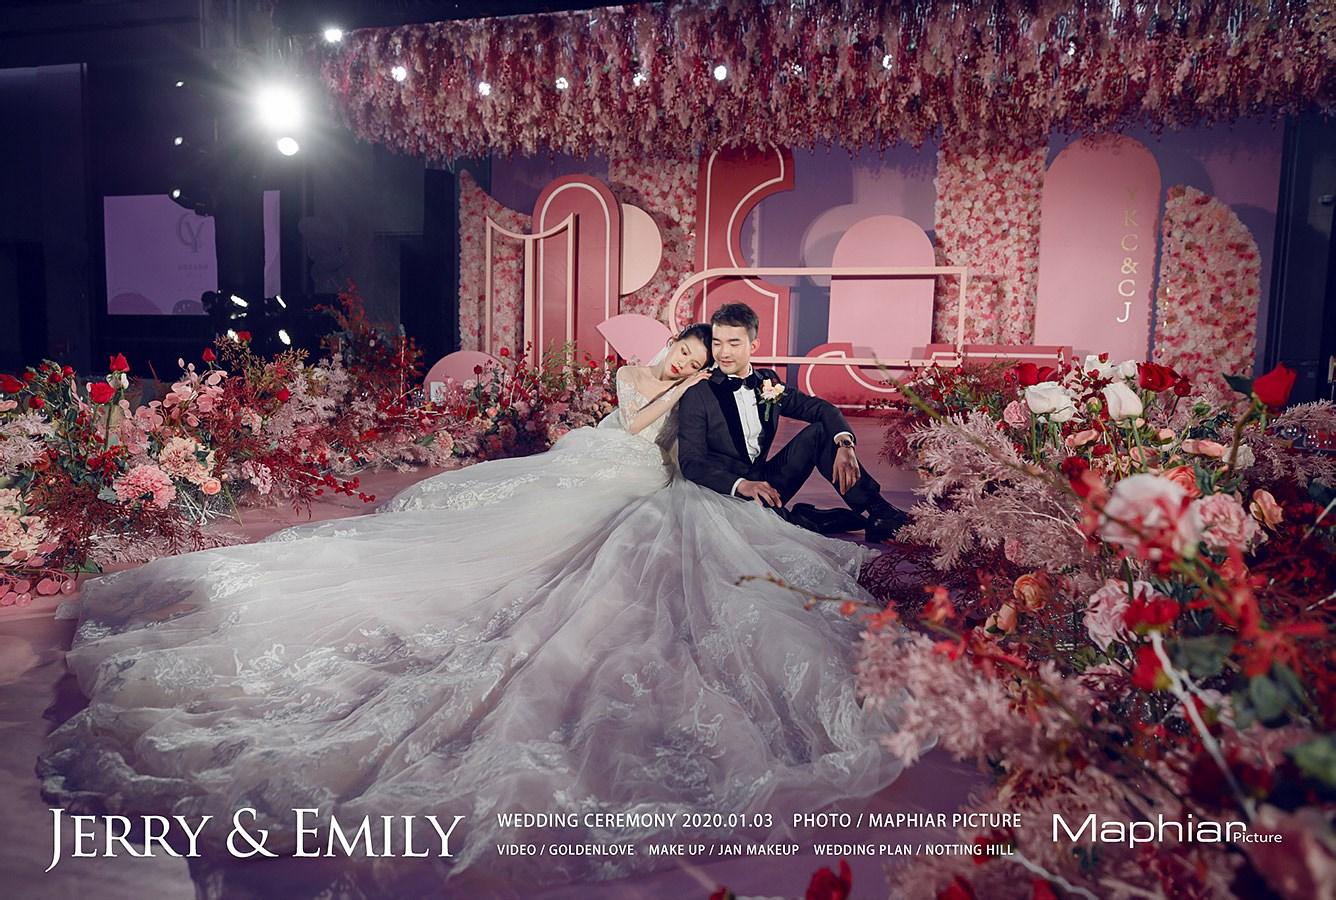 JERRY & EMILY · 珠海婚礼